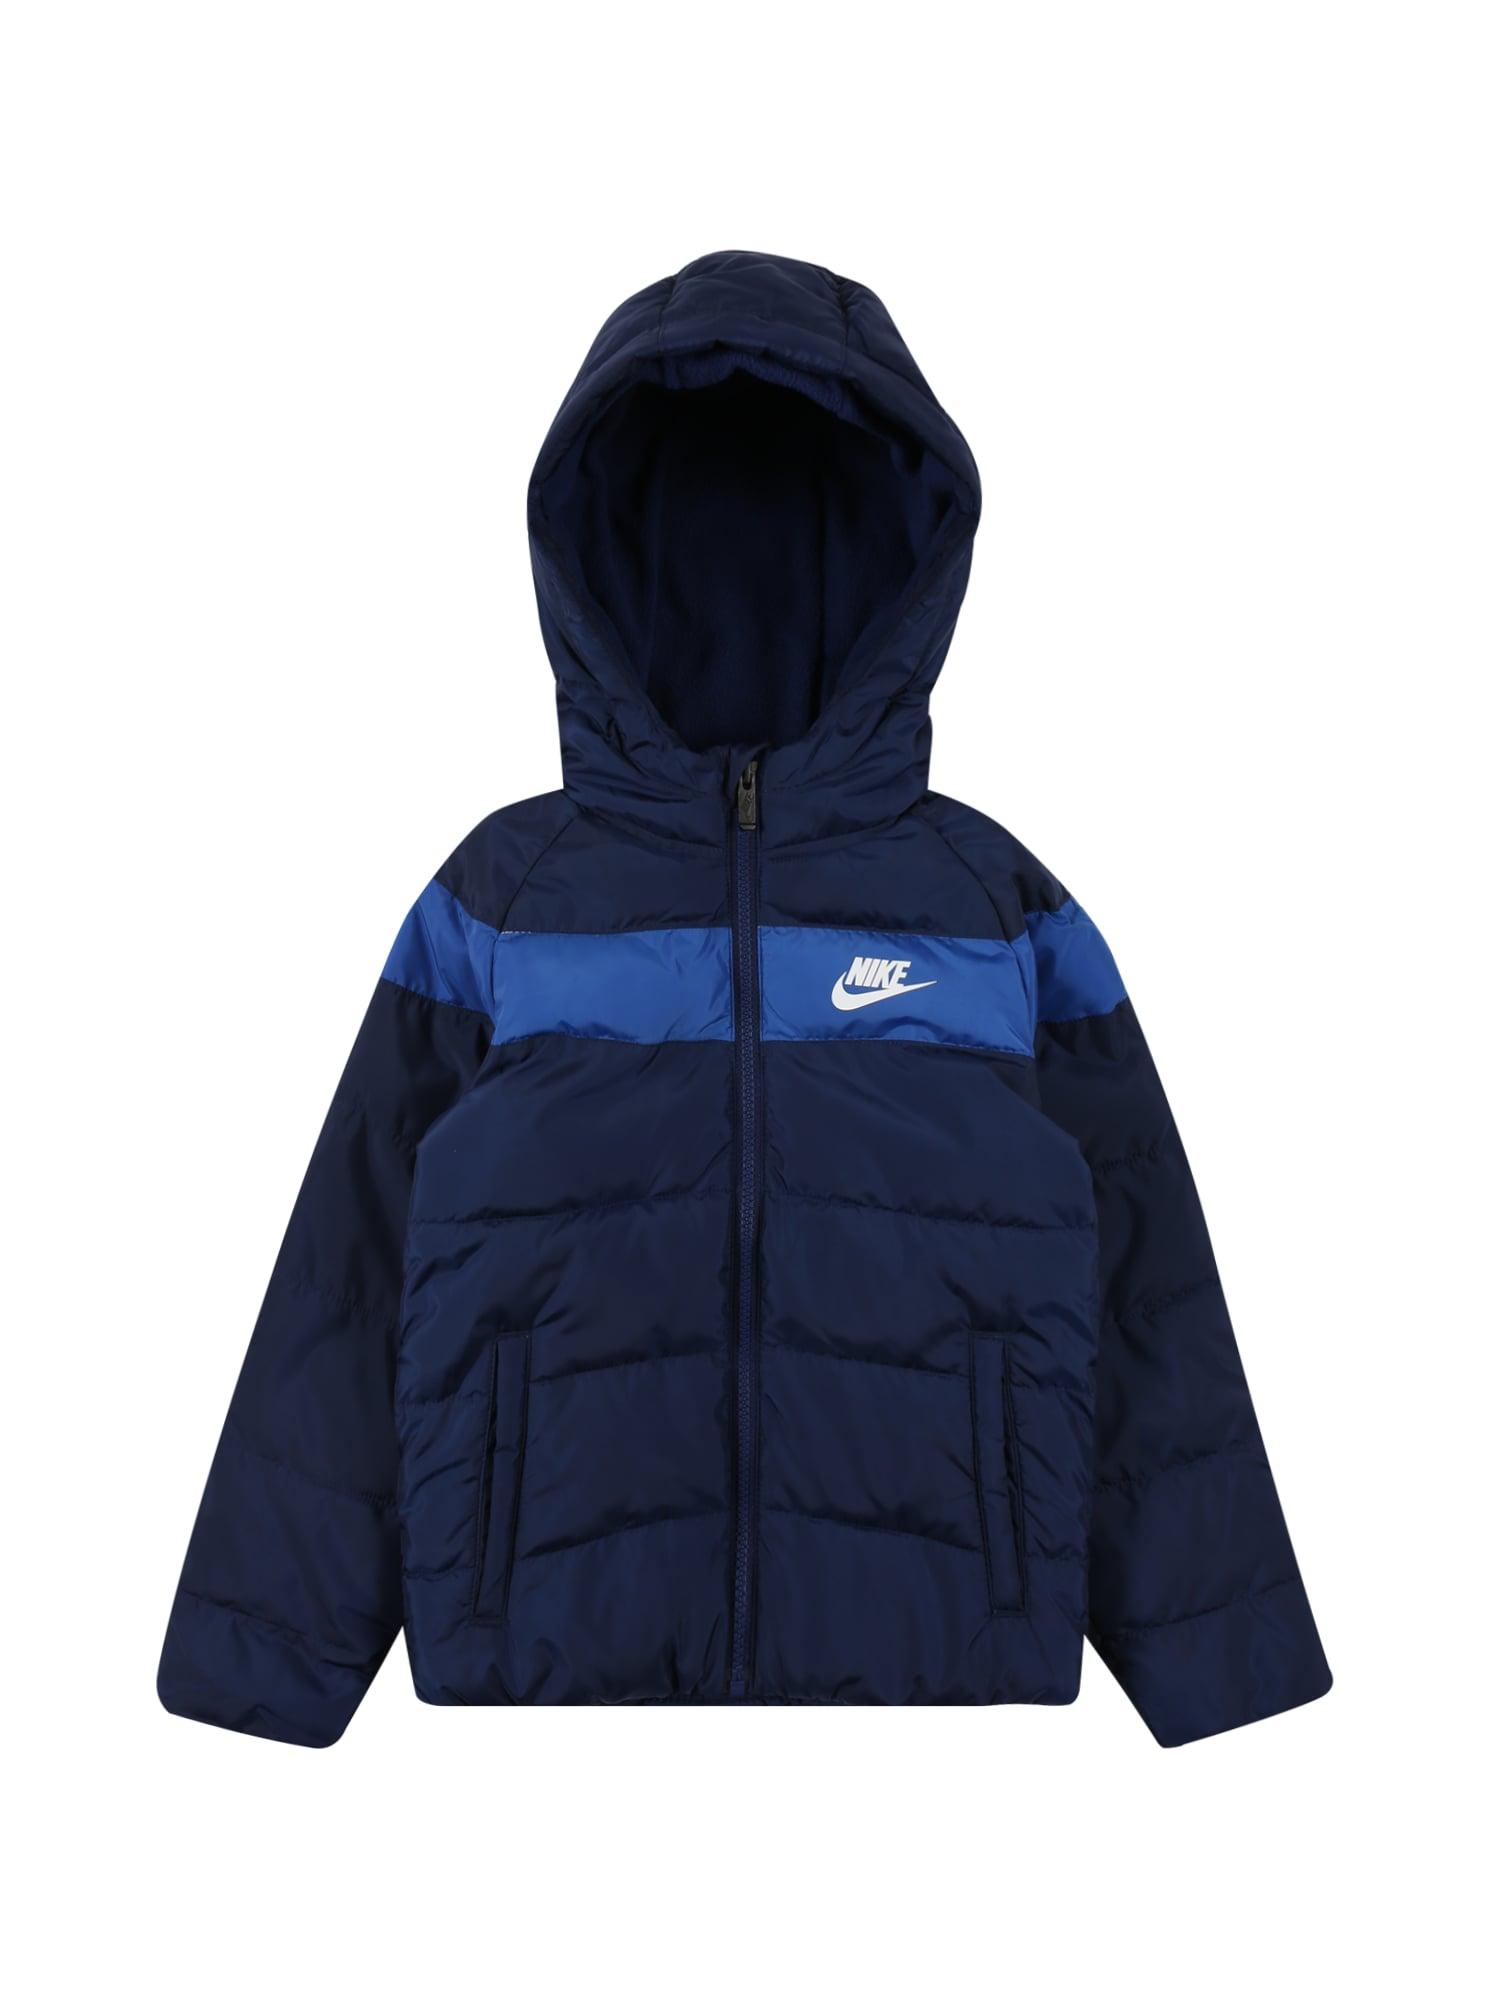 Nike Sportswear Demisezoninė striukė mėlyna / tamsiai mėlyna